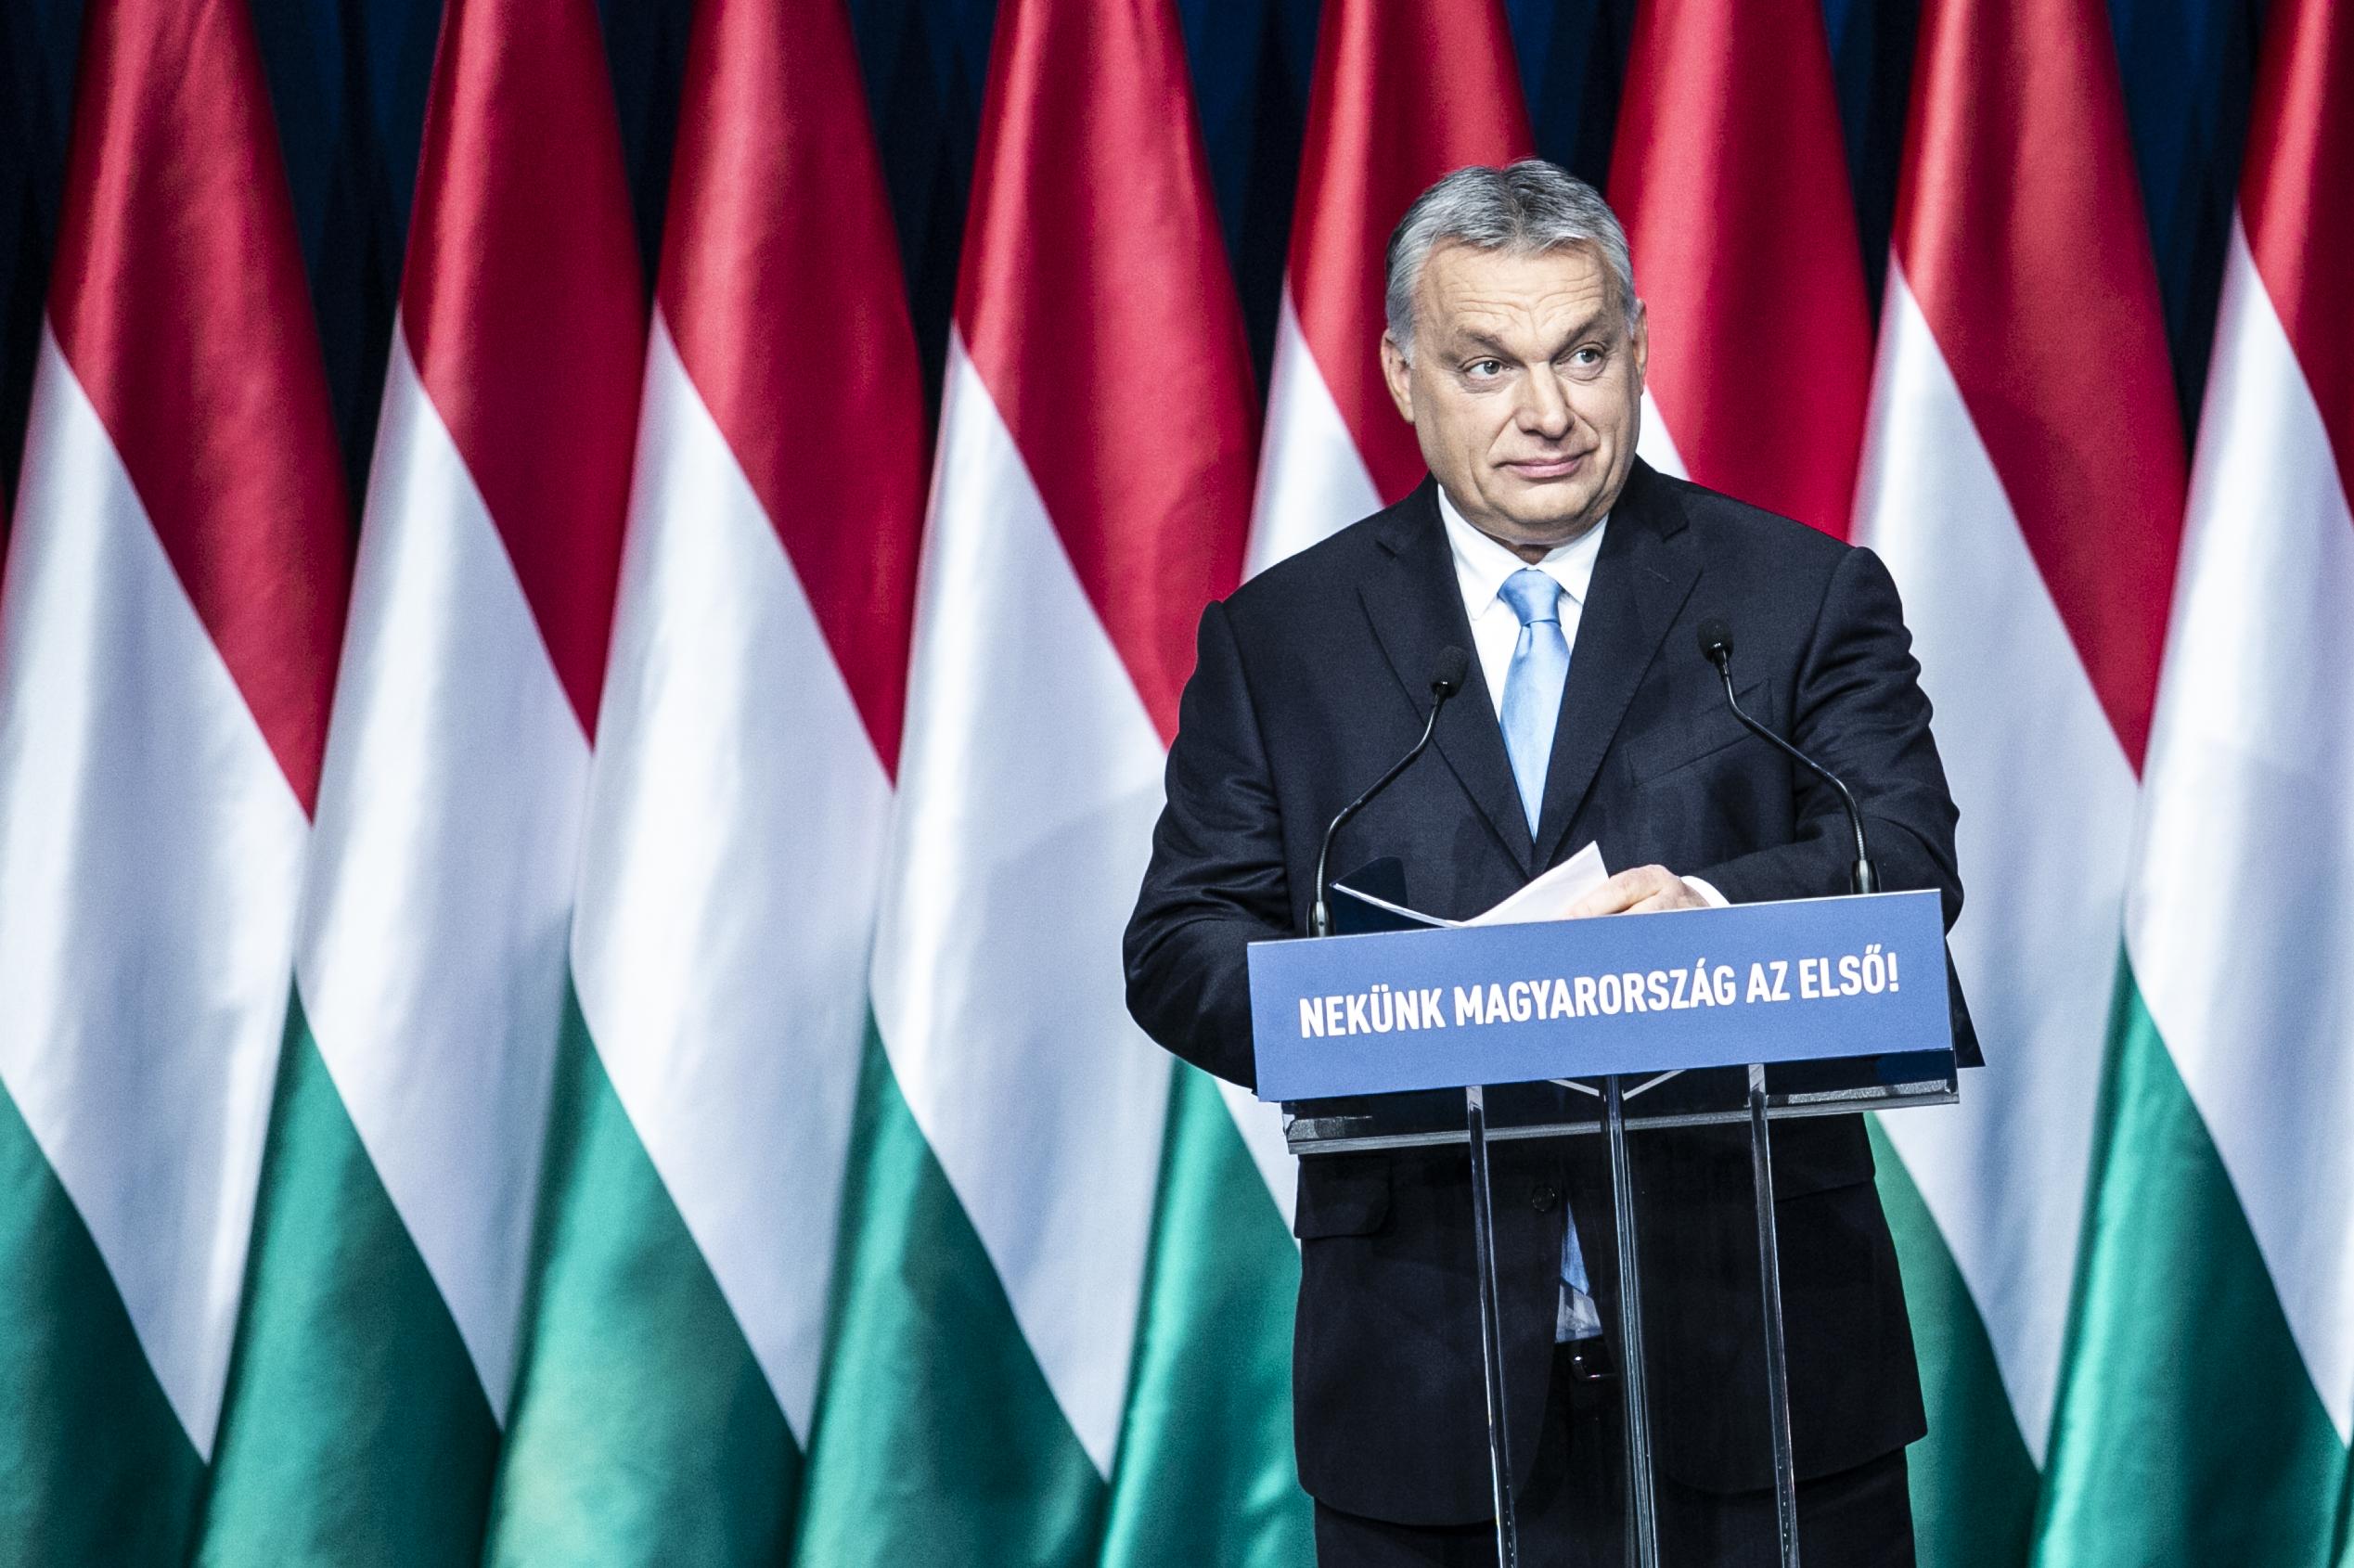 Az Európa Tanácsnak nem tetszik az, amit a magyar kormány a civilekkel művel